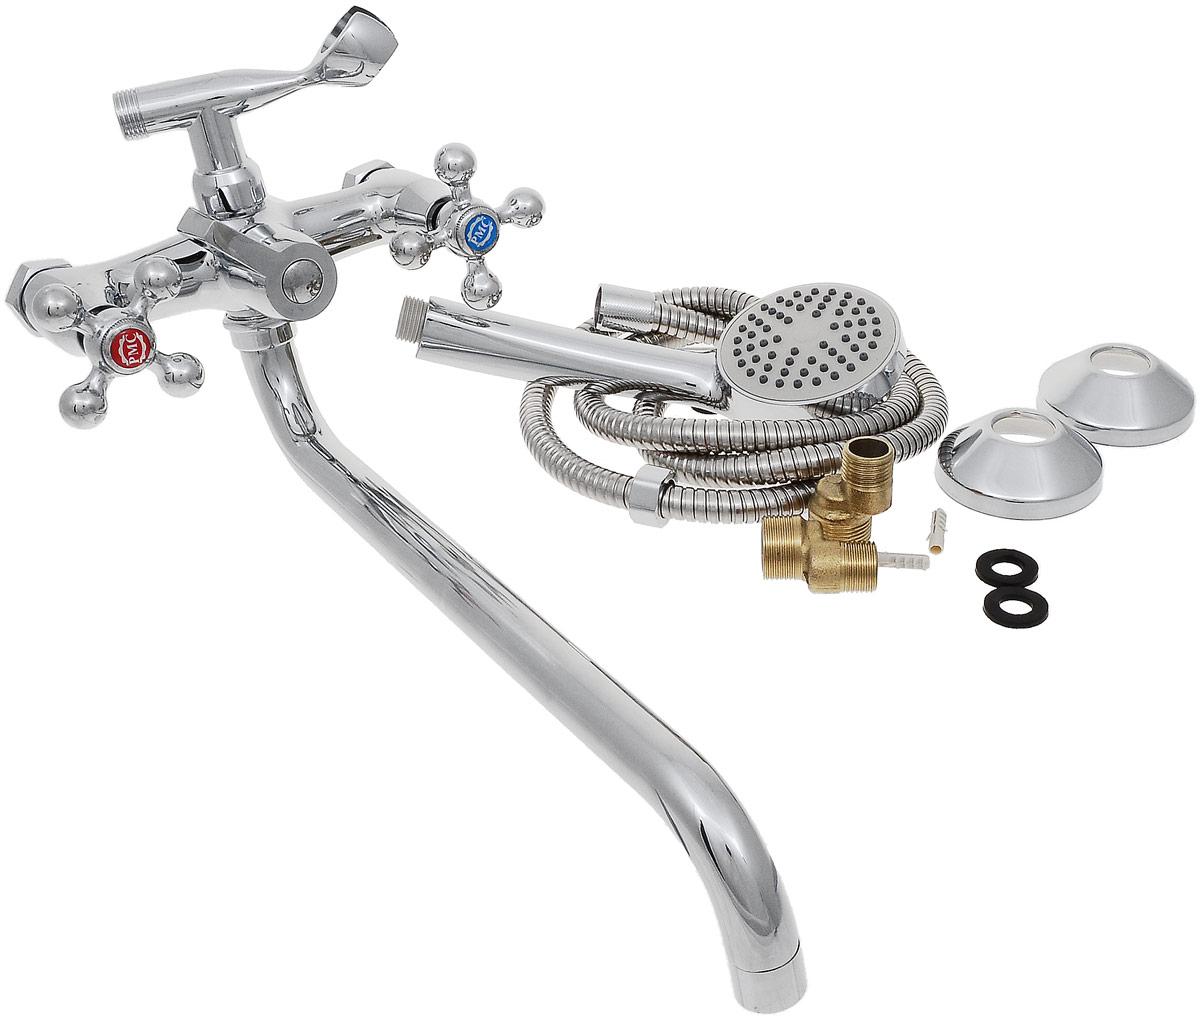 Смеситель для ванны и душа РМС, с длинным поворотным изливом, цвет: хром. SL67-140-1SL67-140-1Двуручковый смеситель для ванной комнаты РМС предназначен для смешивания холодной и горячей воды. Выполнен из высококачественной латуни повышенной прочности, устойчивой к коррозии. Кран-букса латунная с керамическими пластинами, угол поворота 180°. Оснащен длинным изливом. Переключение на душ - картриджное. Аэратор выполнен из пластика. В комплекте: эксцентрики, отражатели, металлический шланг для душа 1,5 м, лейка для душа. Максимальное давление: 10 бар. Испытательное давление: 16 бар. Рекомендуемое давление: 1-5 бар, при давлении выше 6 бар рекомендуется использовать регулятор давления. Максимально допустимая температура: +80°С. Рекомендуемая температура: +65°С. Размер присоединения к угловому вентилю для умывальника: гайка 1/2. Кран-букса керамическая: 1/2. Длина излива: 35 см.